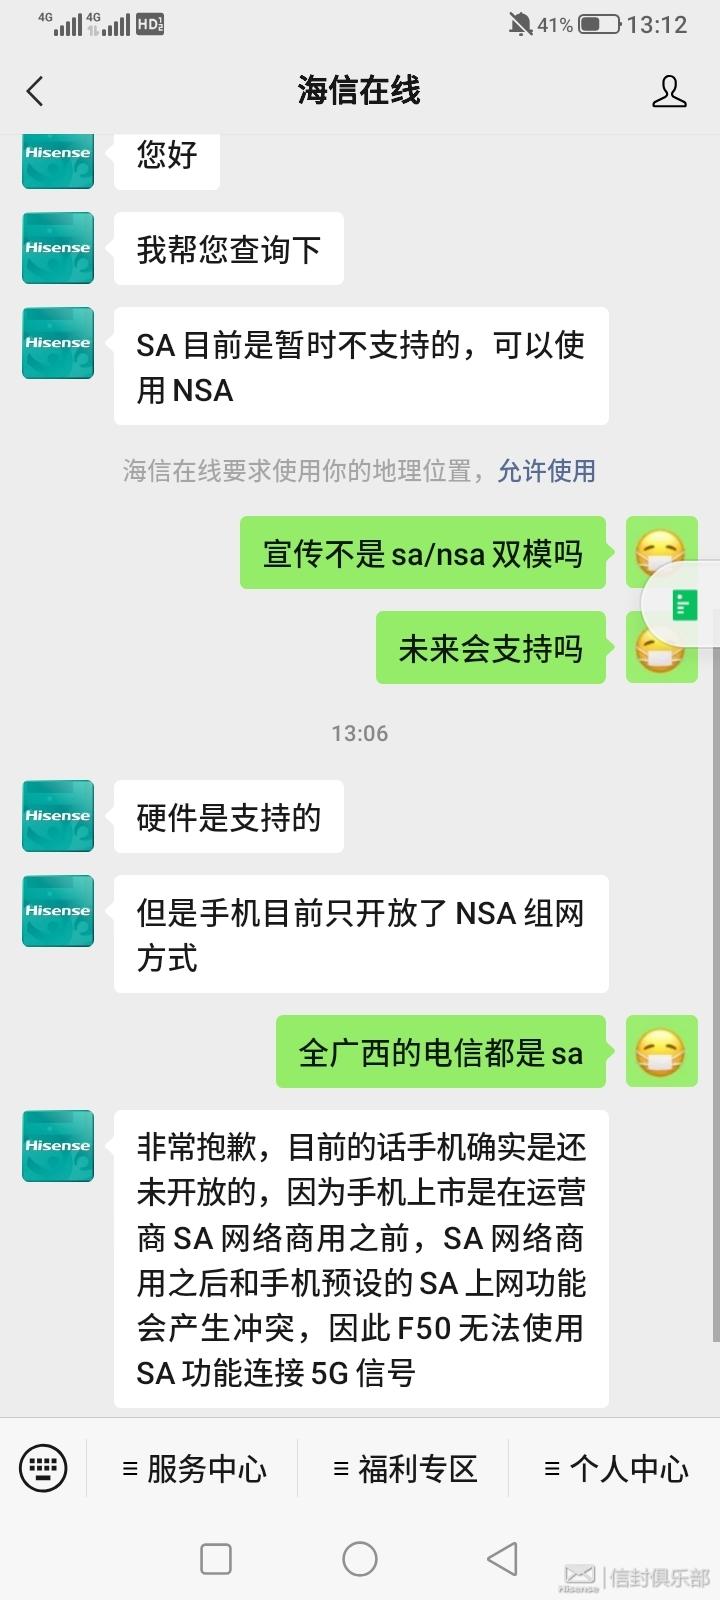 Screenshot_20210302_131214481_微信.jpg